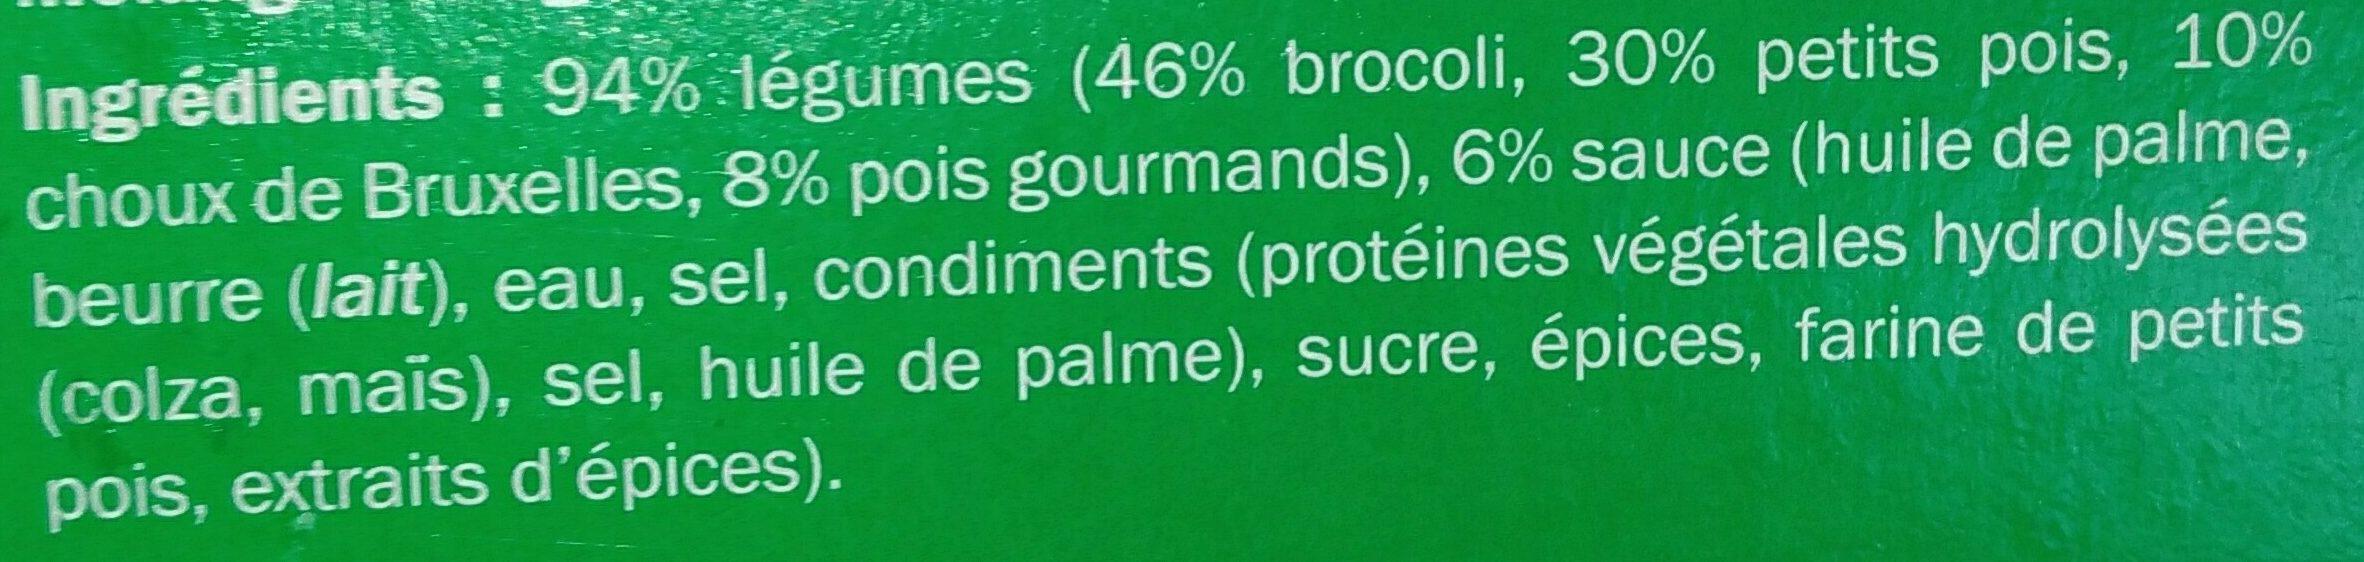 Mélange de legumes vapeur - Ingrédients - fr